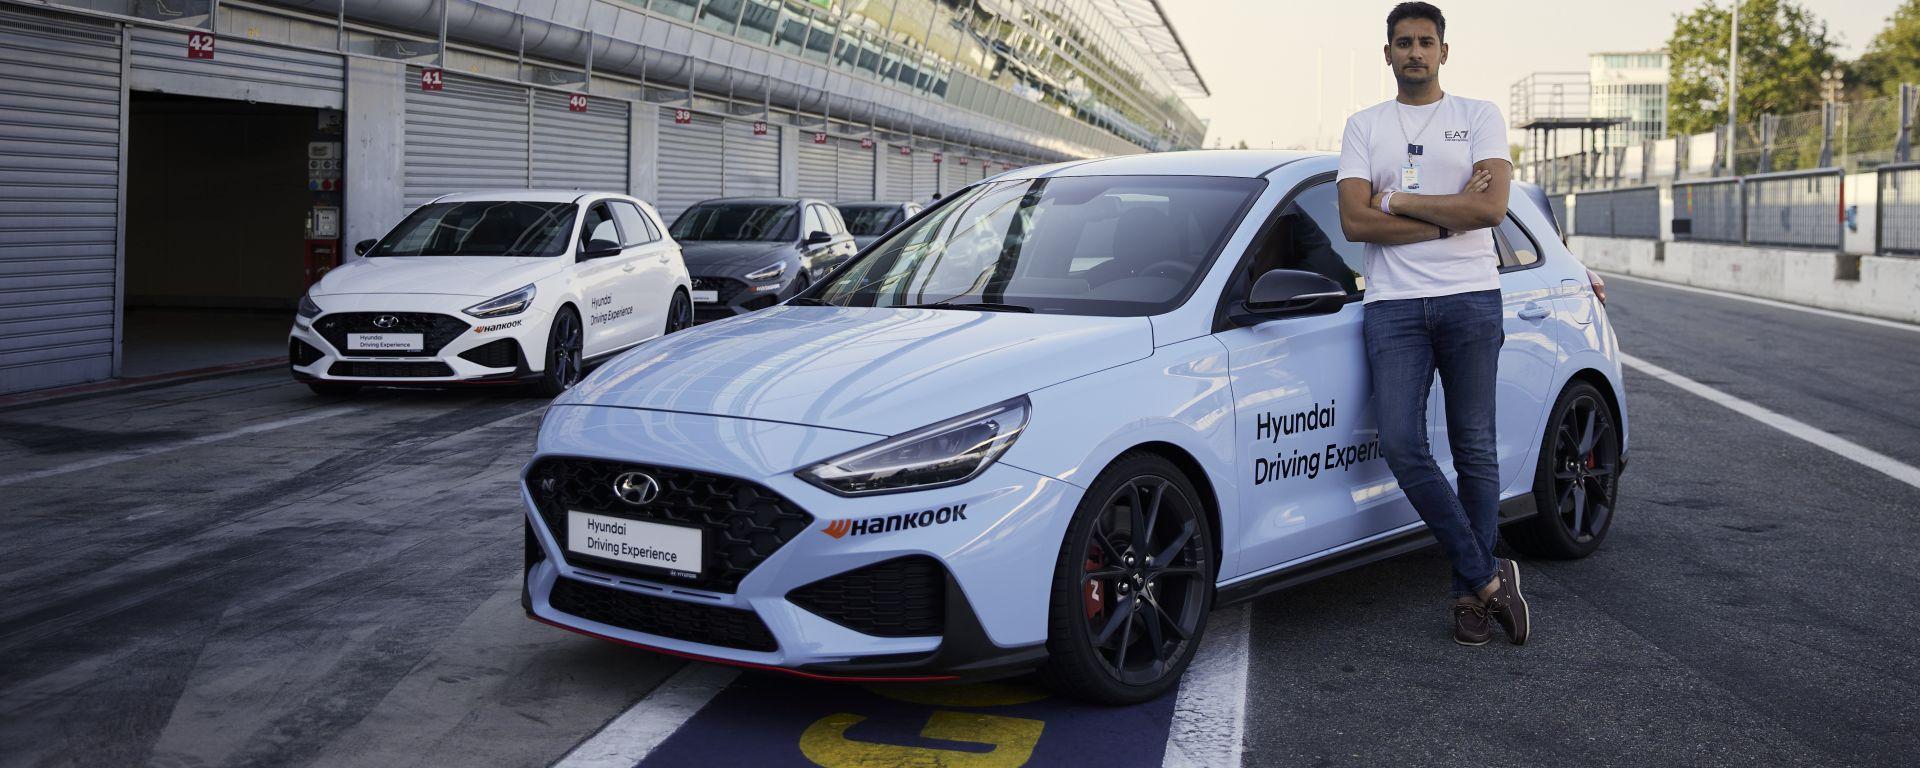 Nuova Hyundai i30 N hatchback